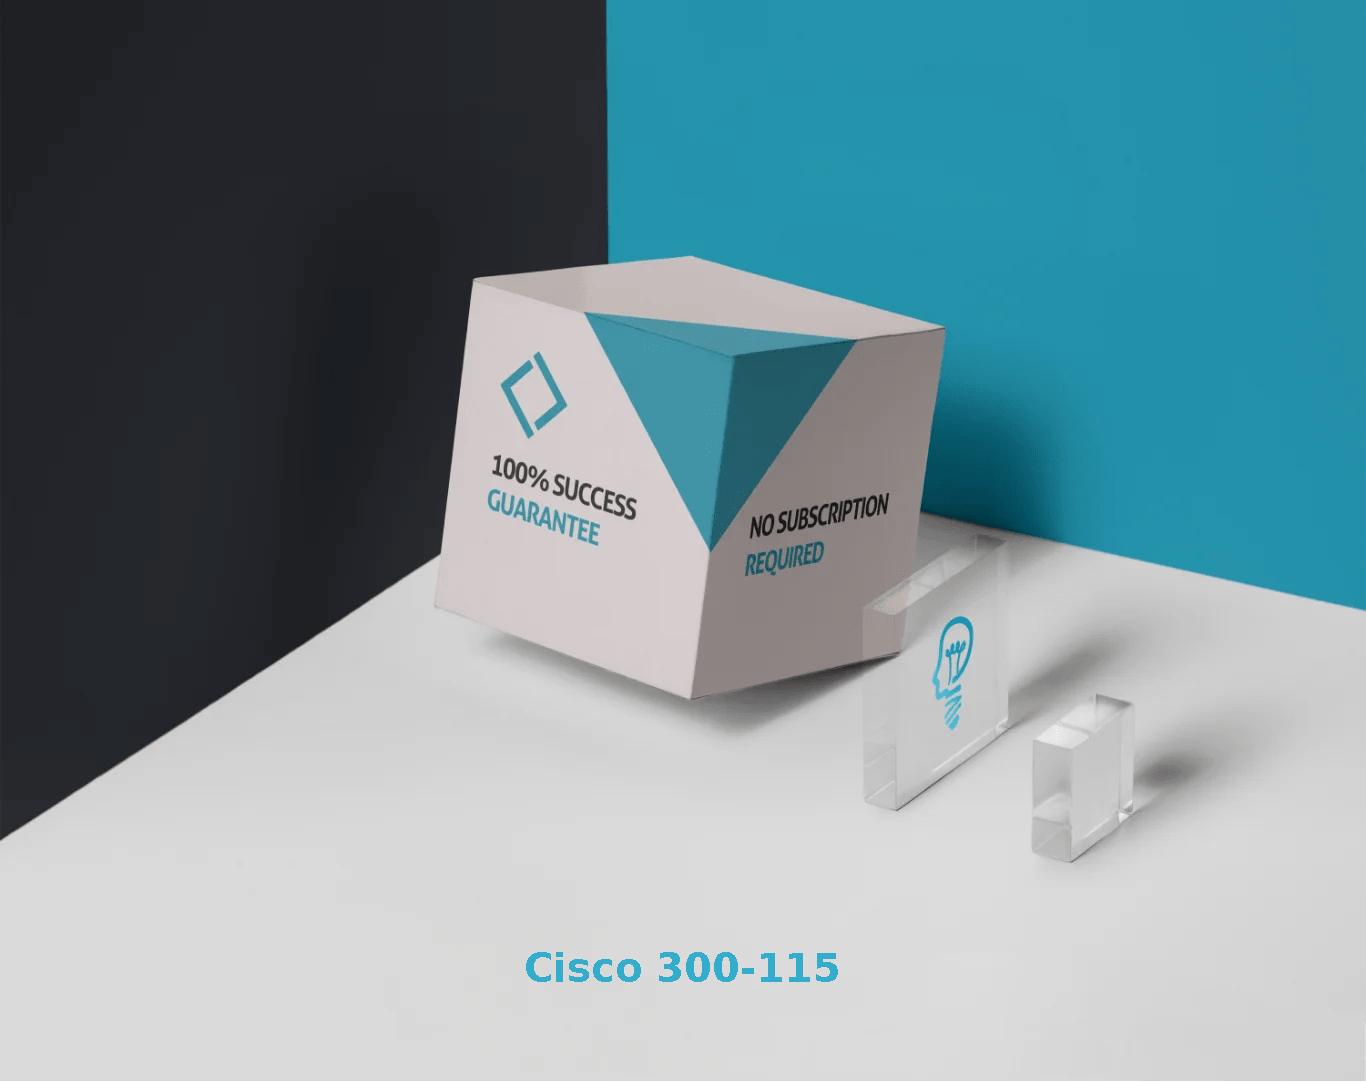 Cisco 300-115 Exams